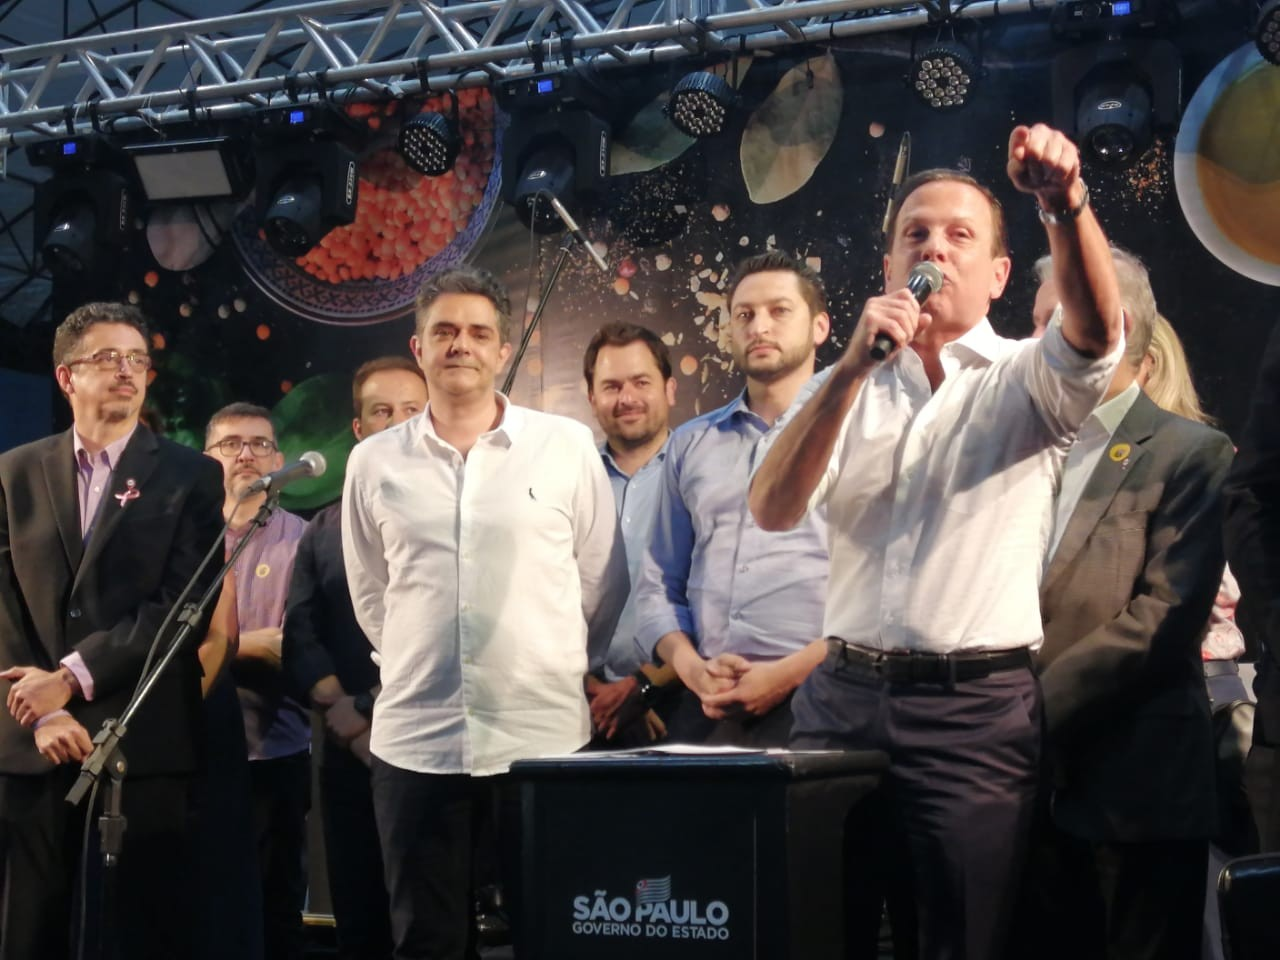 João Doria faz discurso sob protesto em Taubaté, SP; veja vídeo - Notícias - Plantão Diário